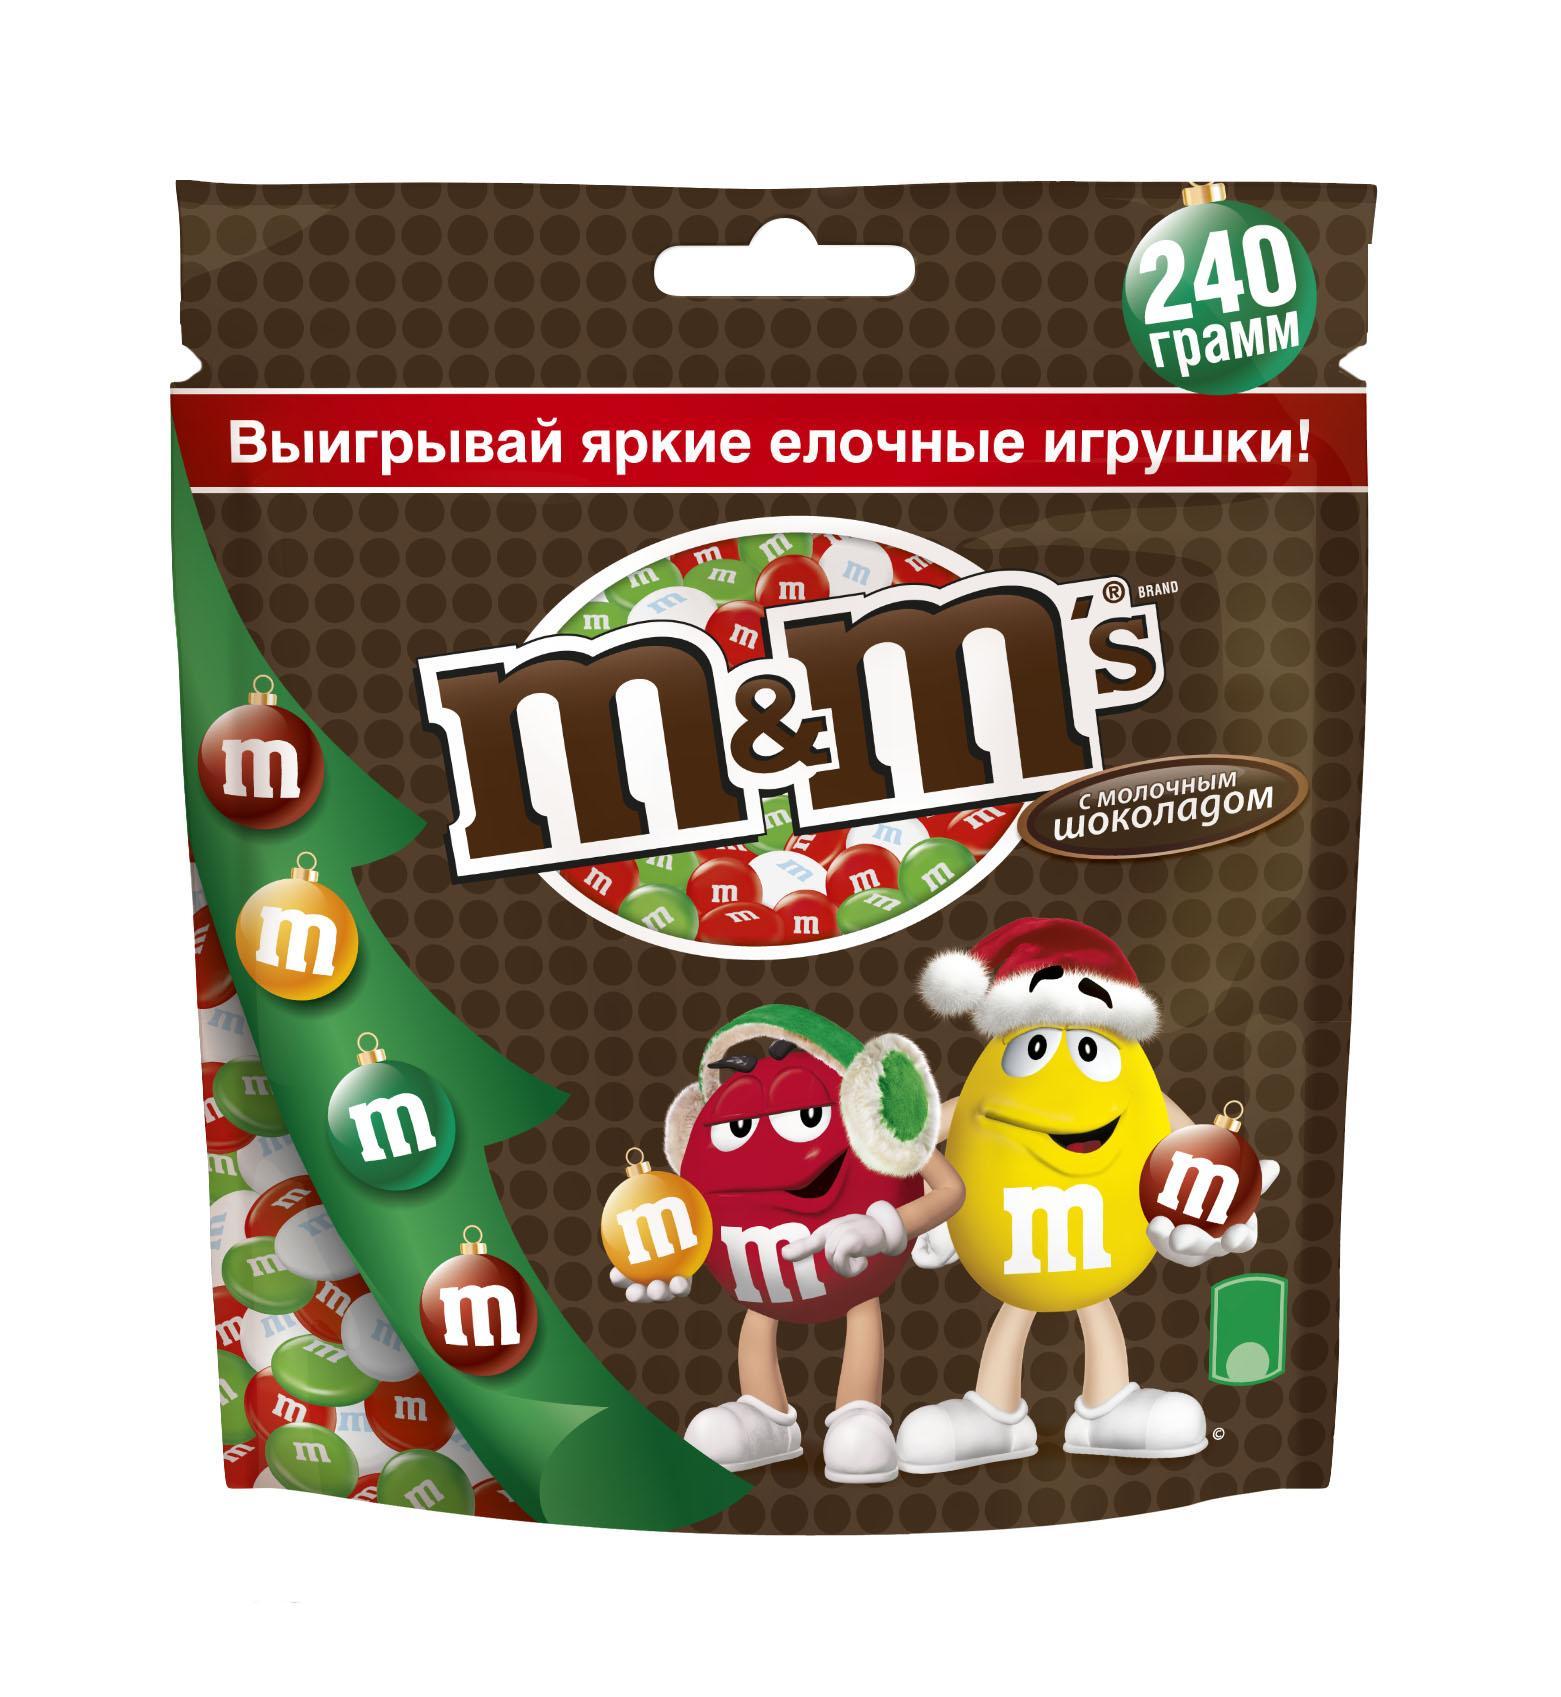 M&Ms Драже молочный шоколад, 240 г10155569Драже M&Ms с шоколадом - это больше веселых моментов для тебя и твоих друзей! Разноцветные драже можно съесть самому или разделить с друзьями. В любом случае, вкус отличного молочного шоколада подарит тебе удовольствие и радость.